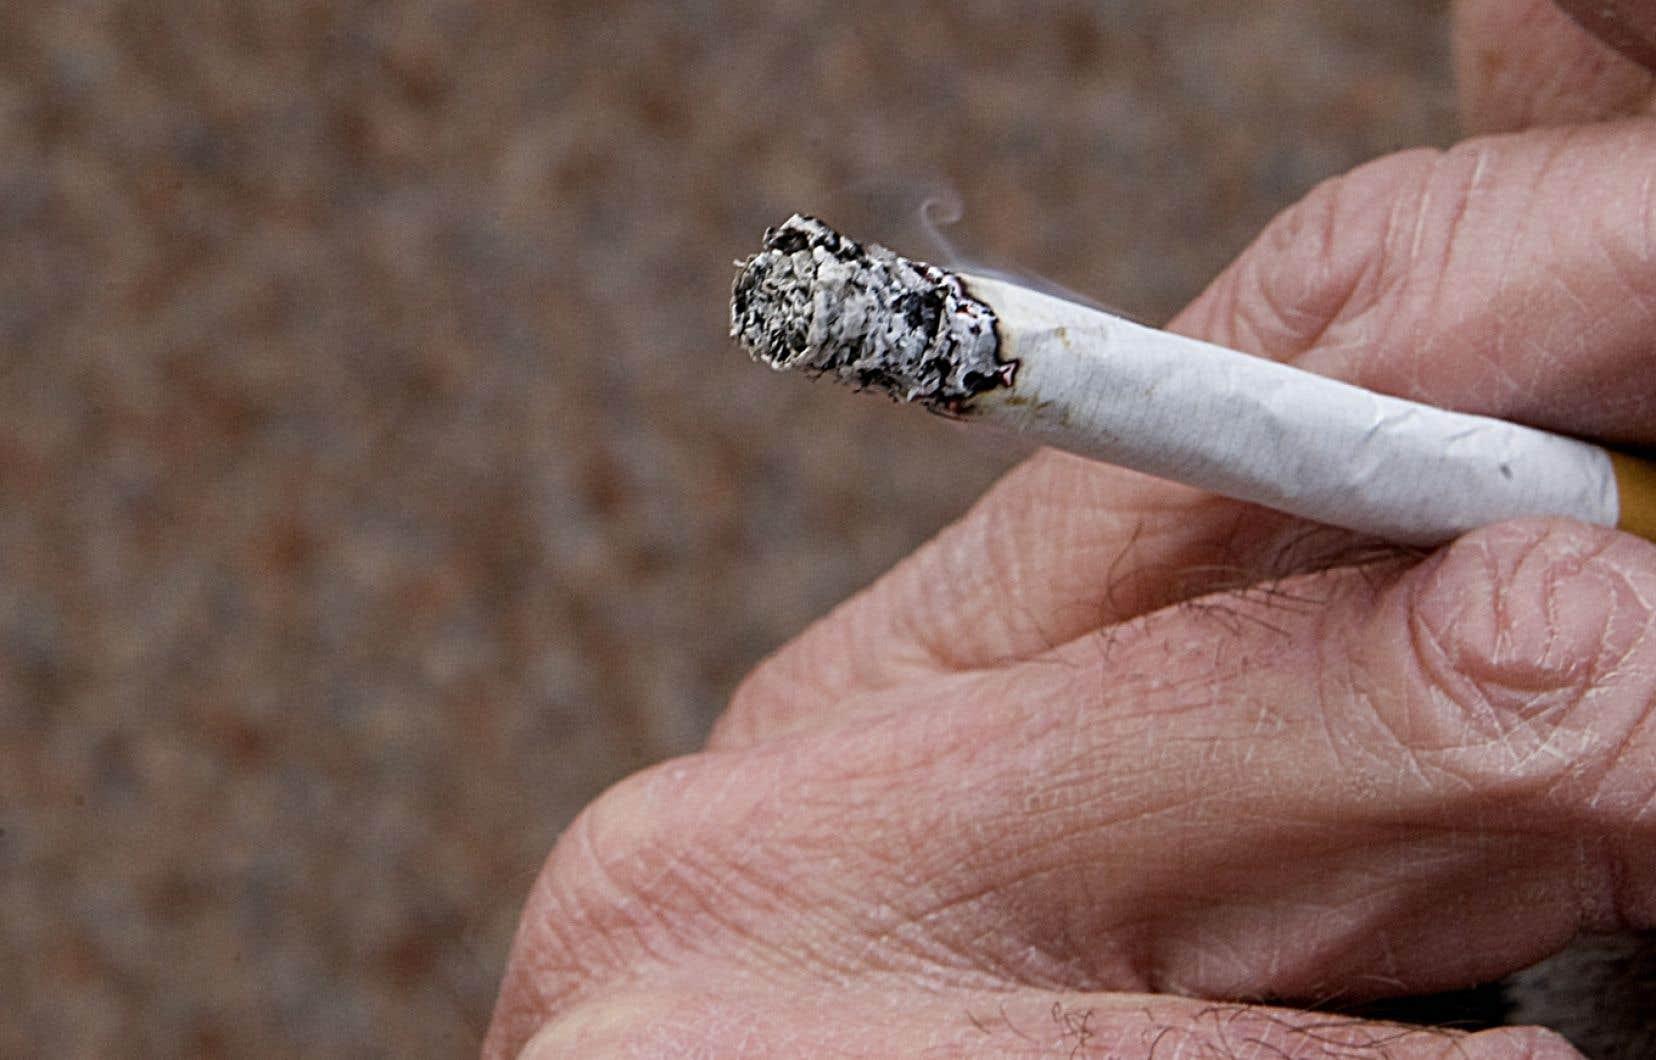 Toute personne qui se procure du tabac de contrebande pour sa consommation personnelle risque de recevoir une amende d'au moins 350 $.